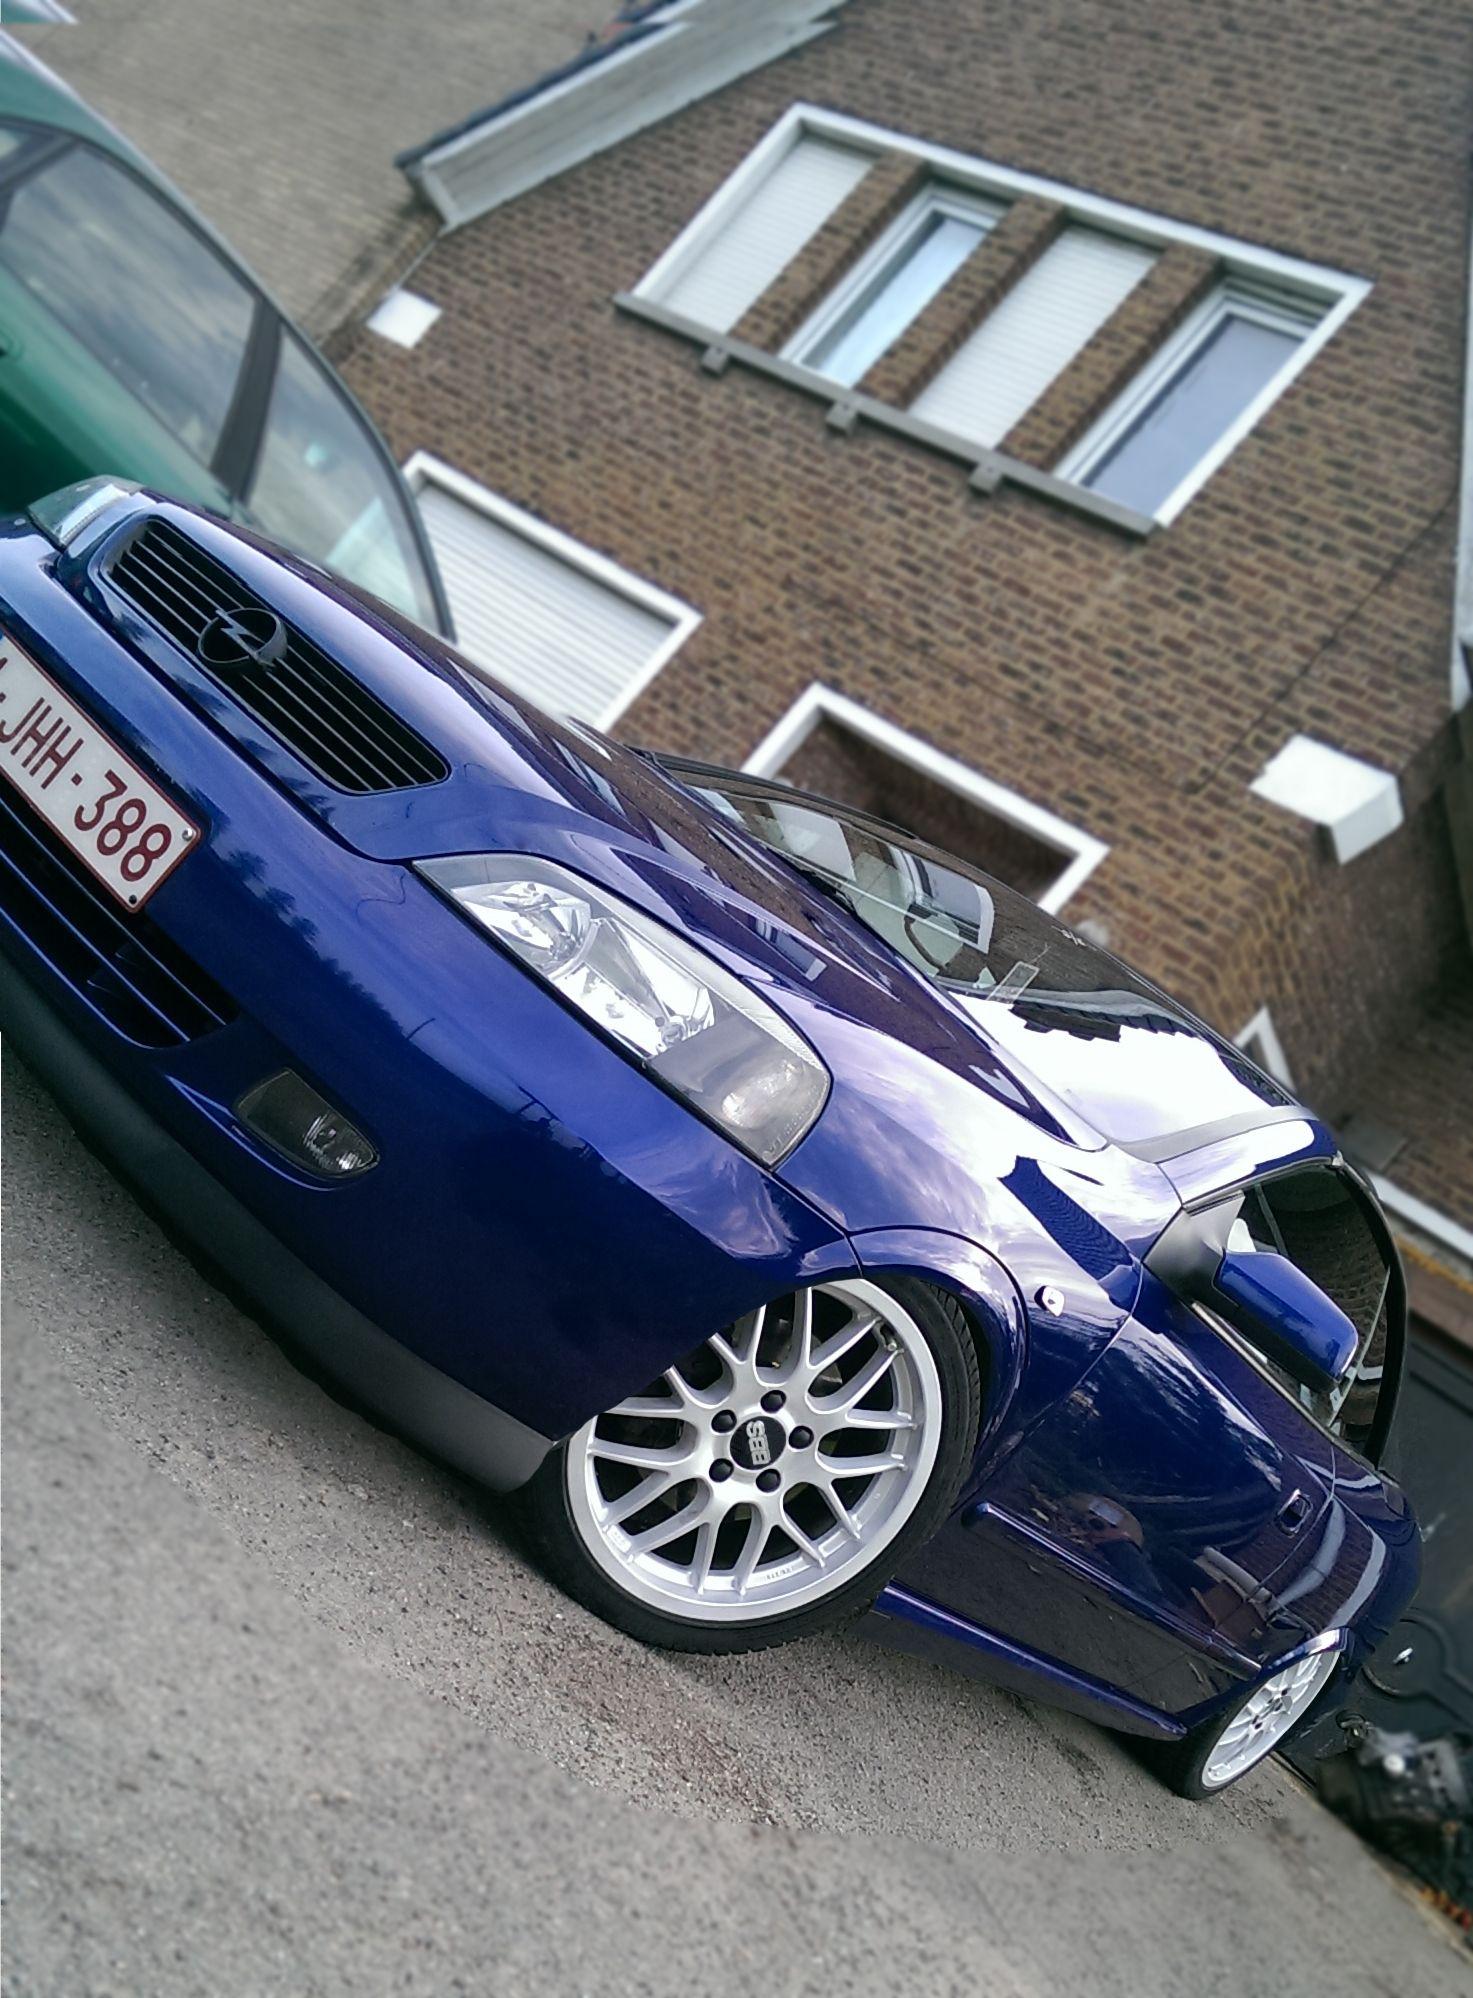 Astra G Bertone 1 8 16v 2003 Opel Astra Coupe Cabrio